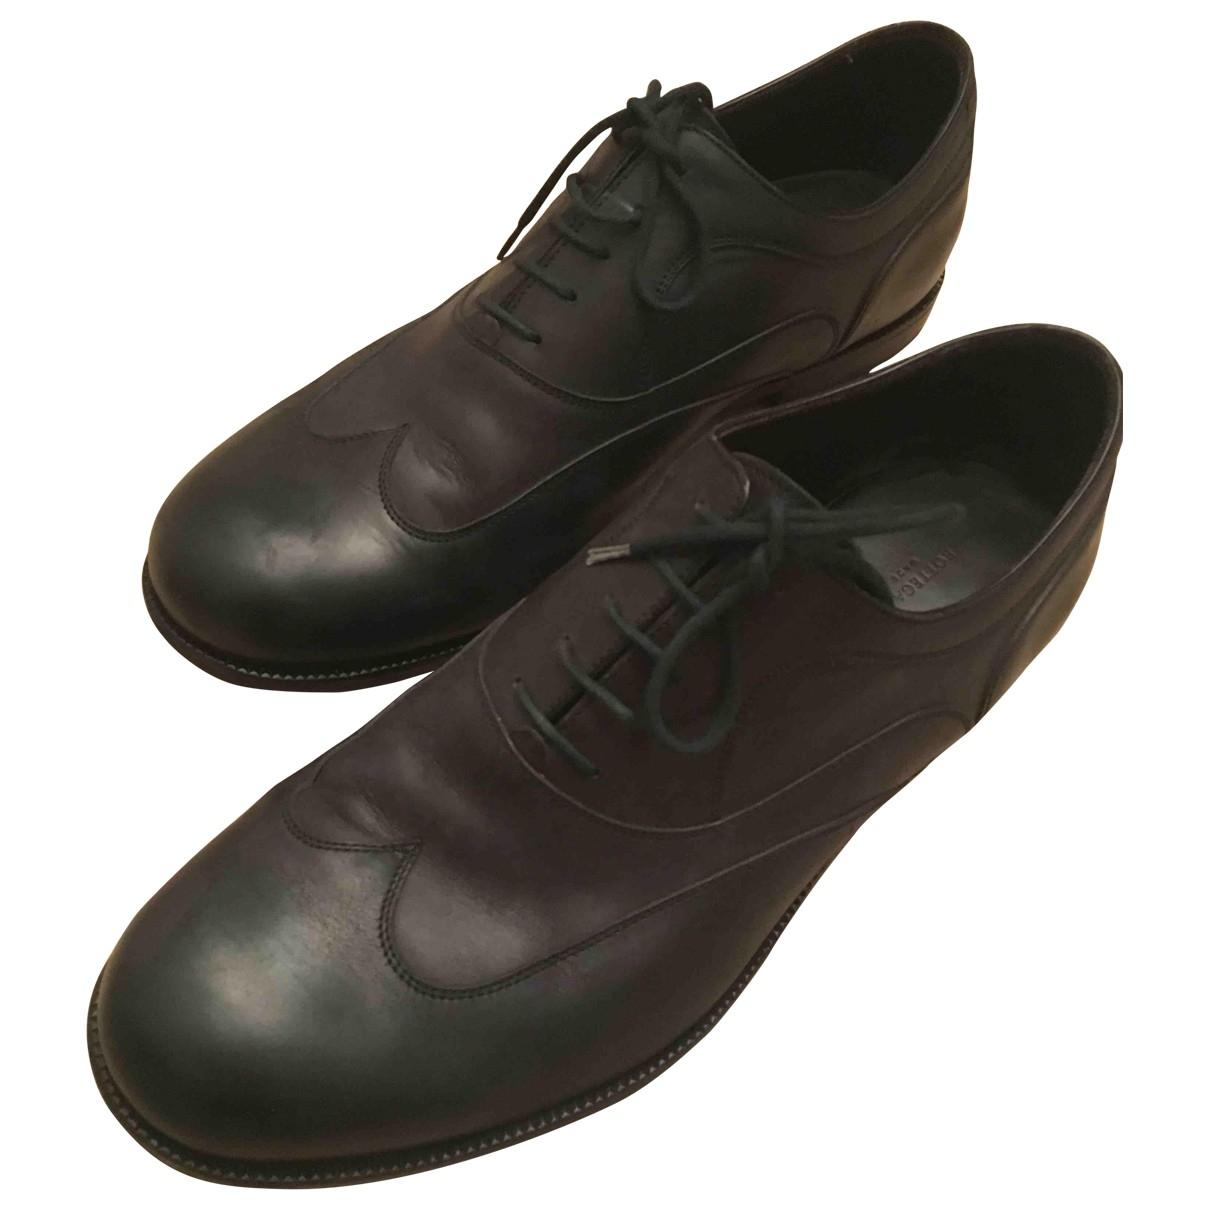 Bottega Veneta \N Black Leather Lace ups for Men 44.5 EU